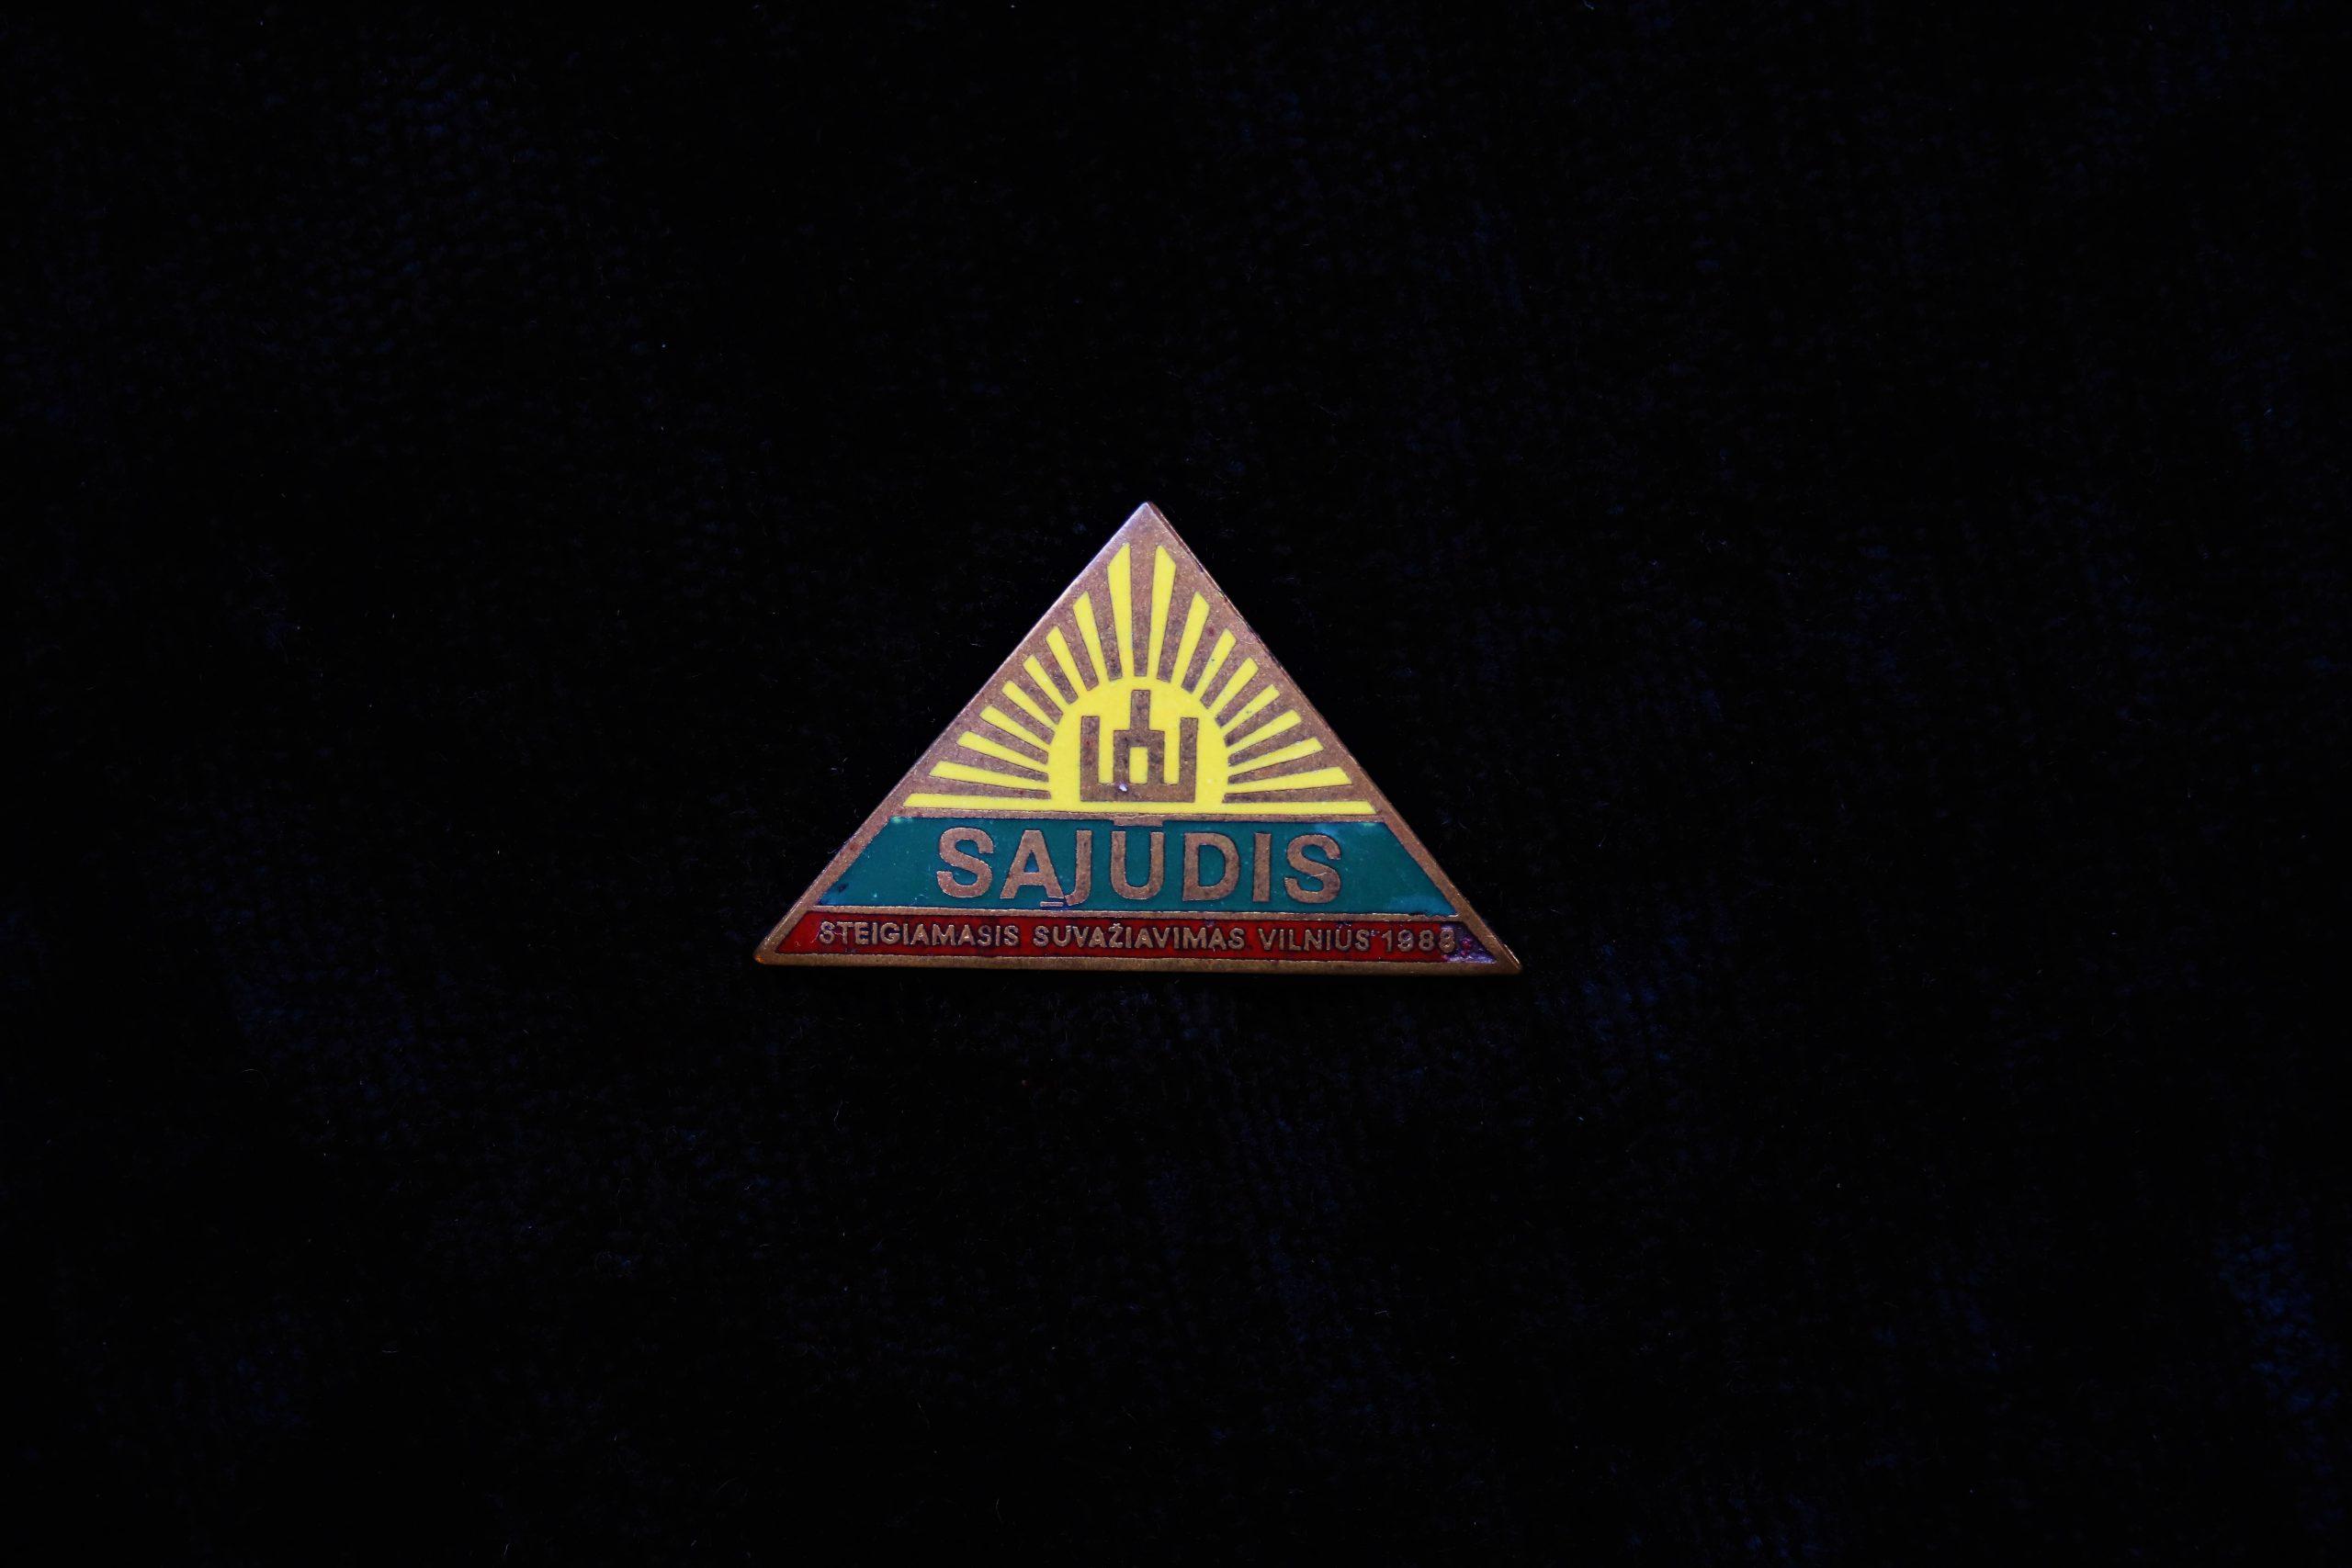 Lietuvos Sąjūdžio ženklelis. Sukurtas 1988 m. prieš I-ąjį Lietuvos Persitvarkymo Sąjūdžio suvažiavimą. Autorius dailininkas Giedrius Reimeris